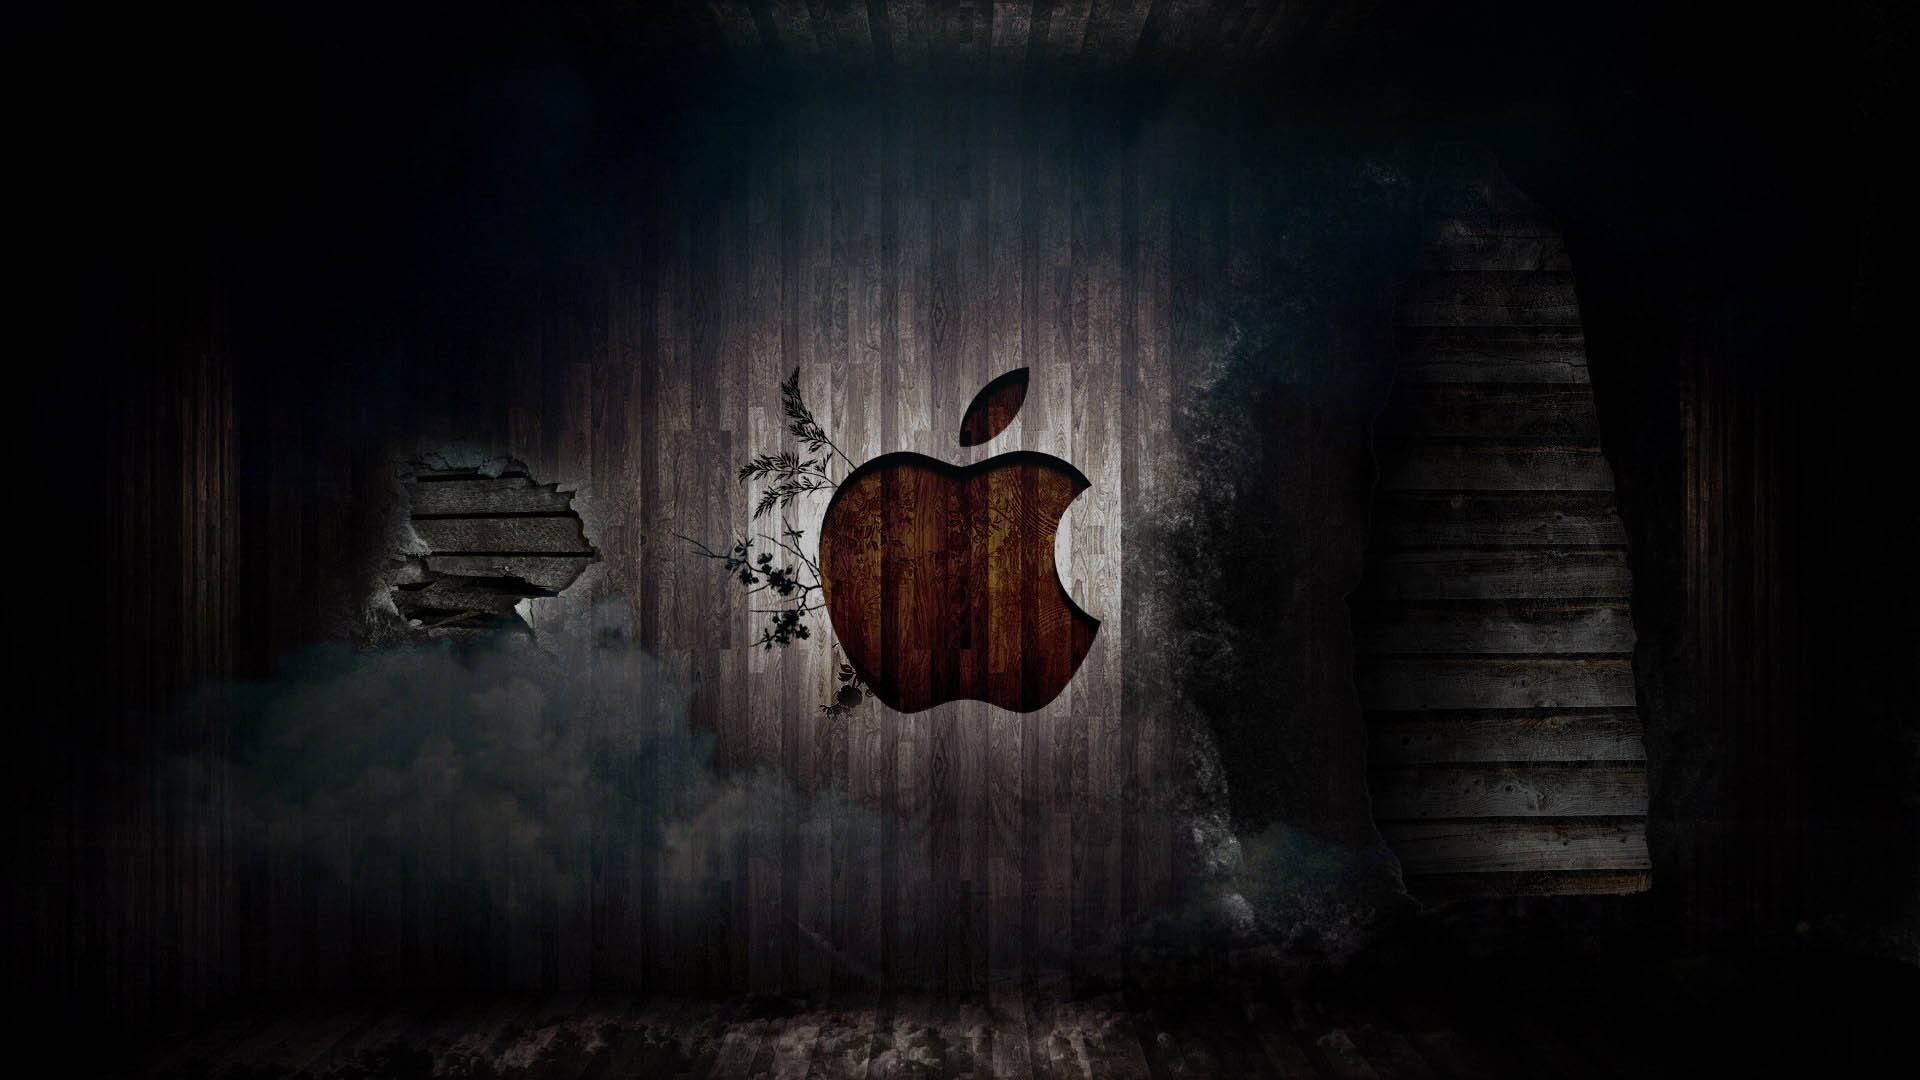 apple os x lion wallpaper hd 1920x1080